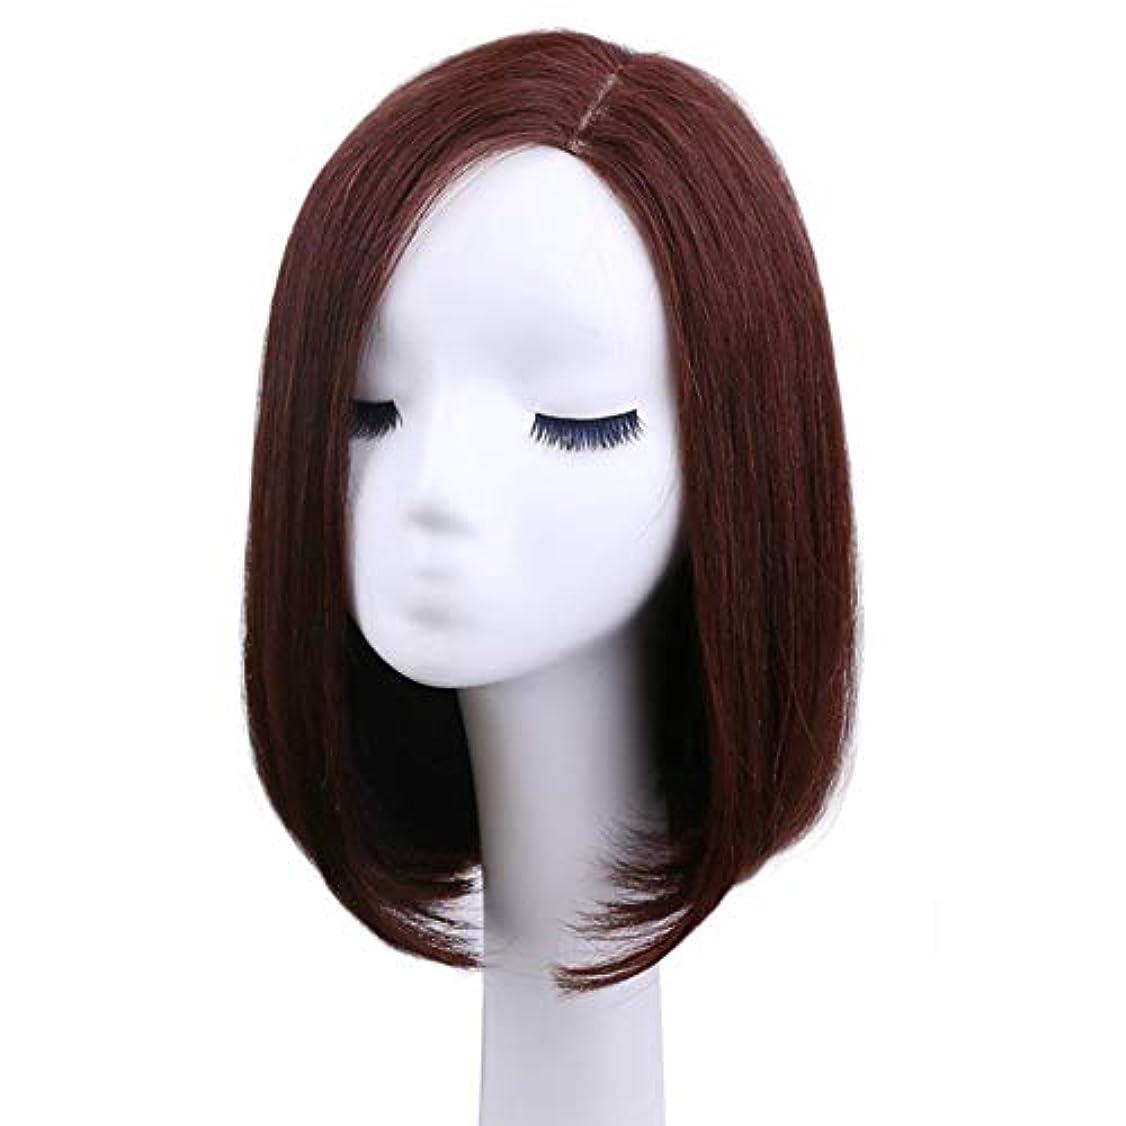 狐ステーキバウンドYOUQIU 女性のデイリードレスウィッグのための本当の髪ボブウィッグバックルストレートヘアー (色 : Natural black, Design : Mechanism)